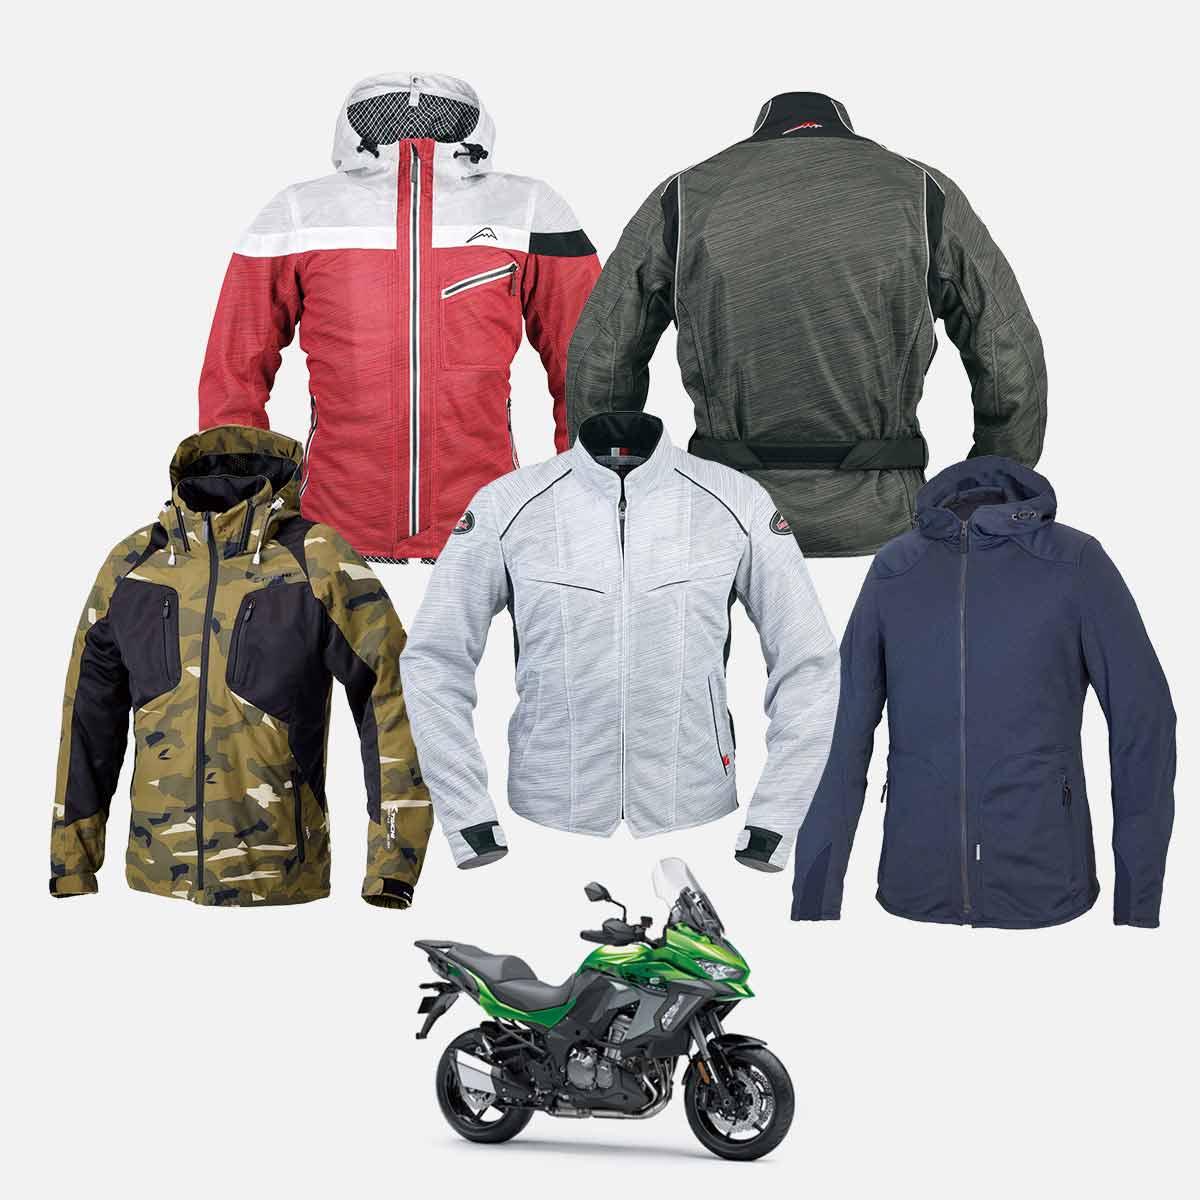 暑い季節こそバイク用ウェアを着るべし! 夏向けライディングウェアを推す理由